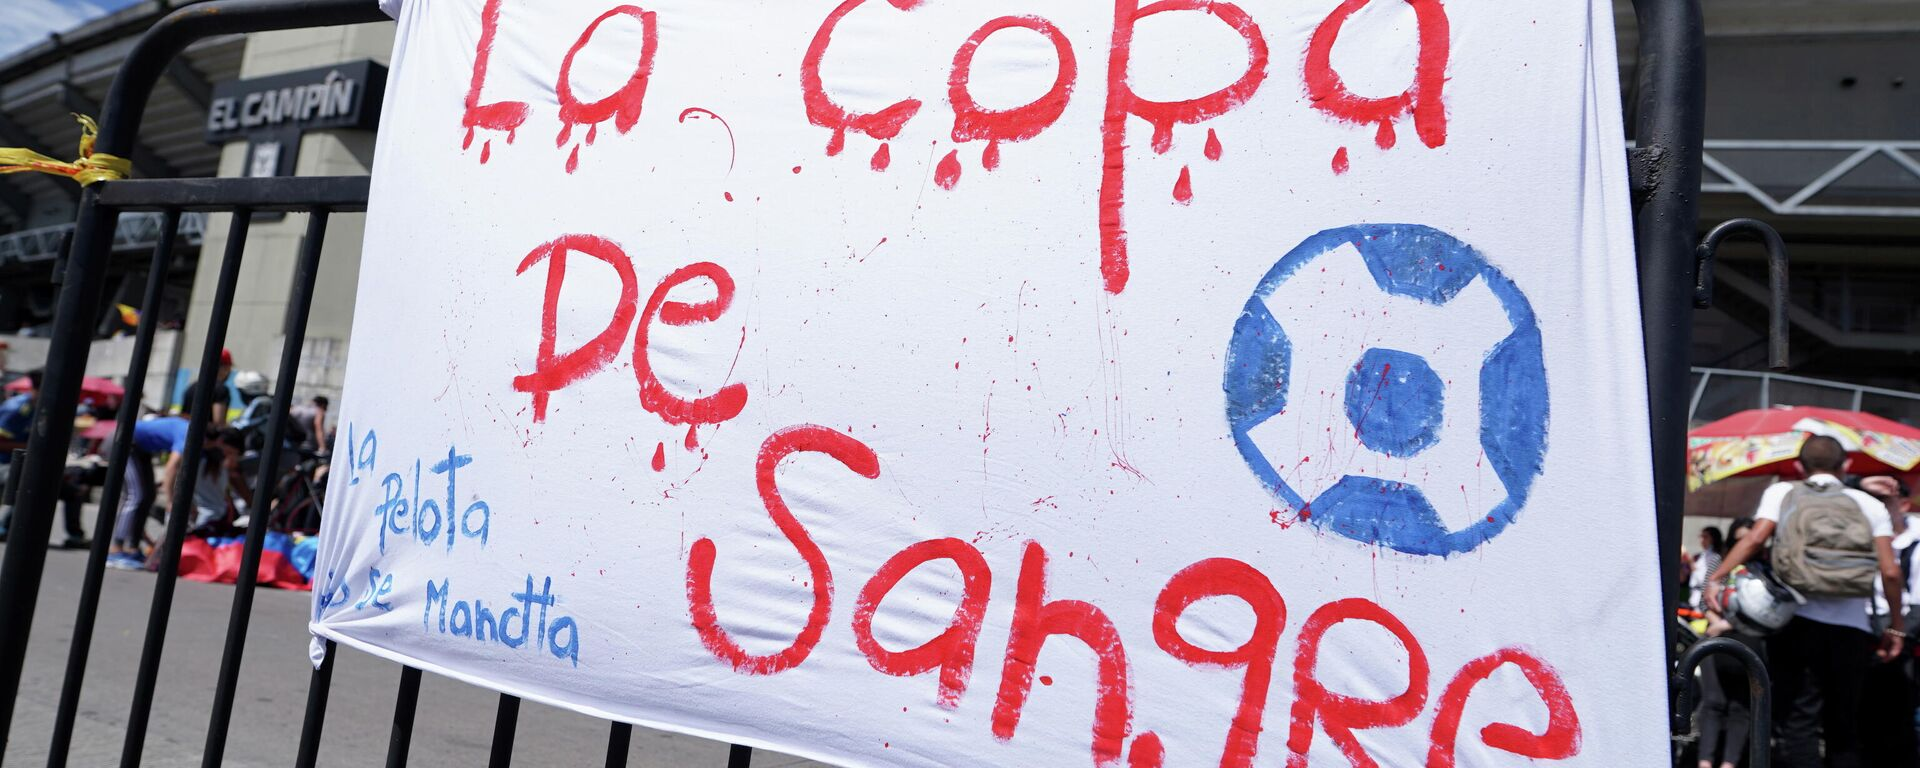 Protesta contra la Copa América en Colombia - Sputnik Mundo, 1920, 20.05.2021